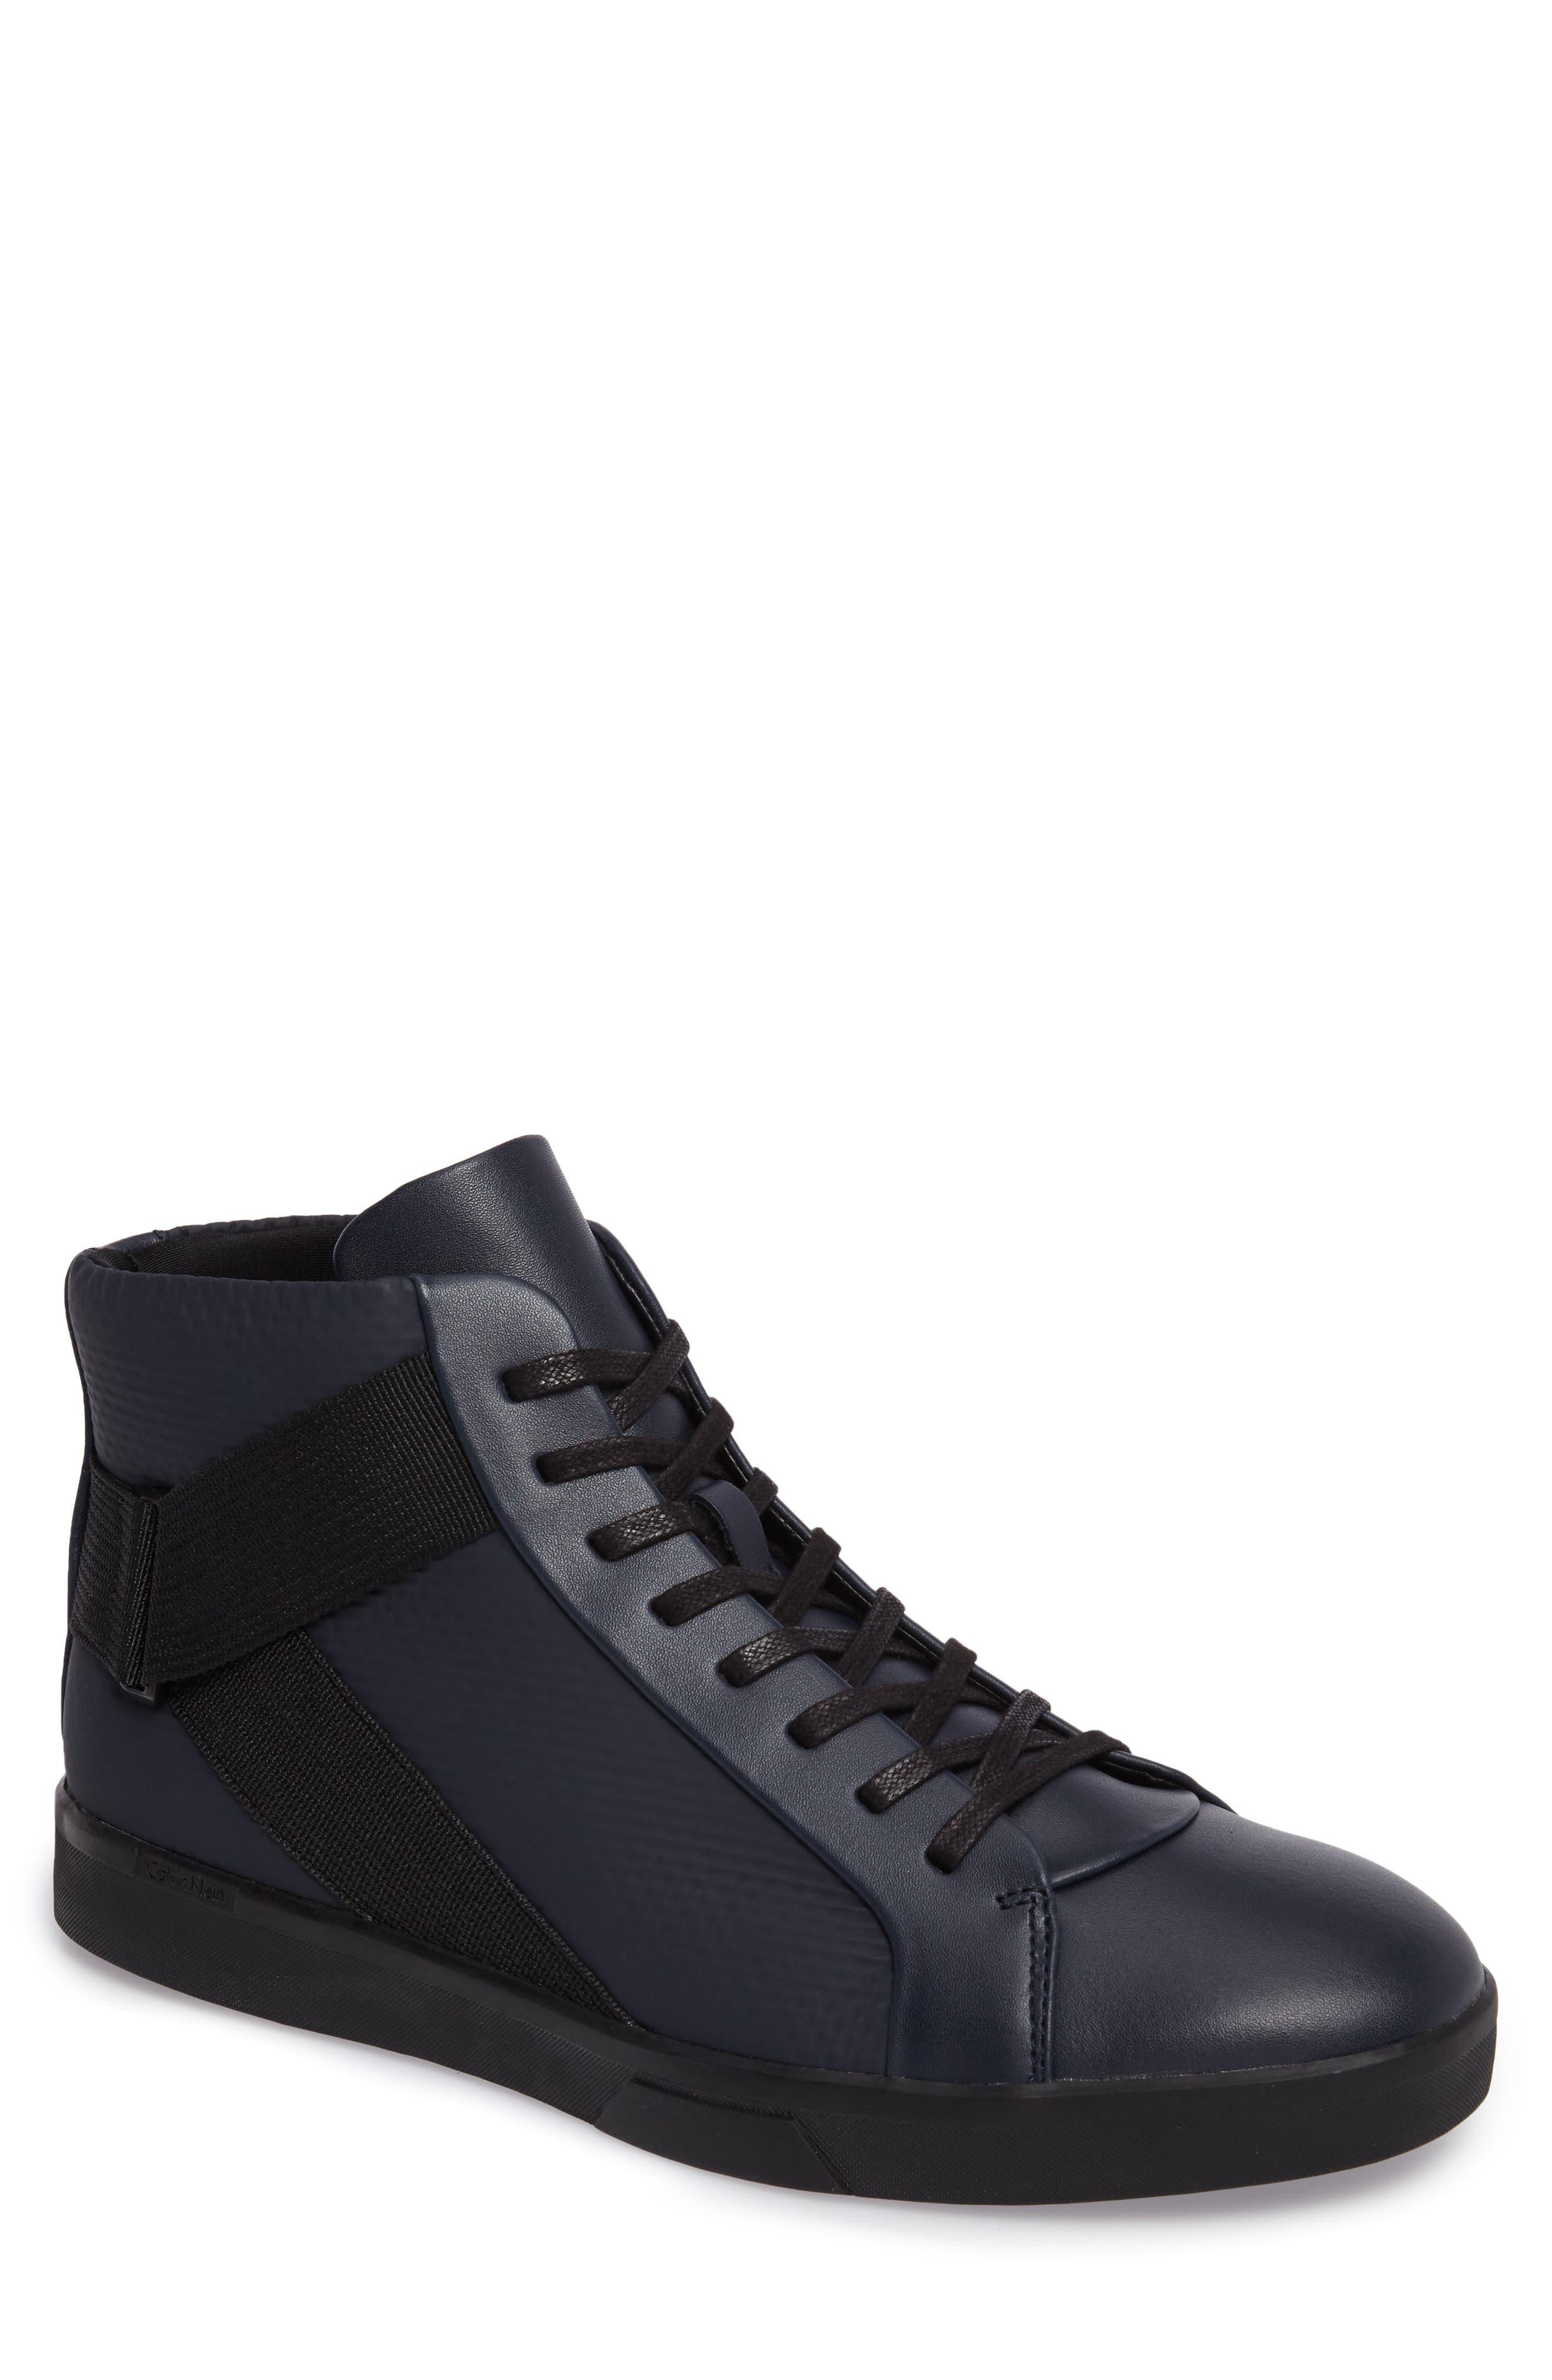 Alternate Image 1 Selected - Calvin Klein Irvin Sneaker (Men)